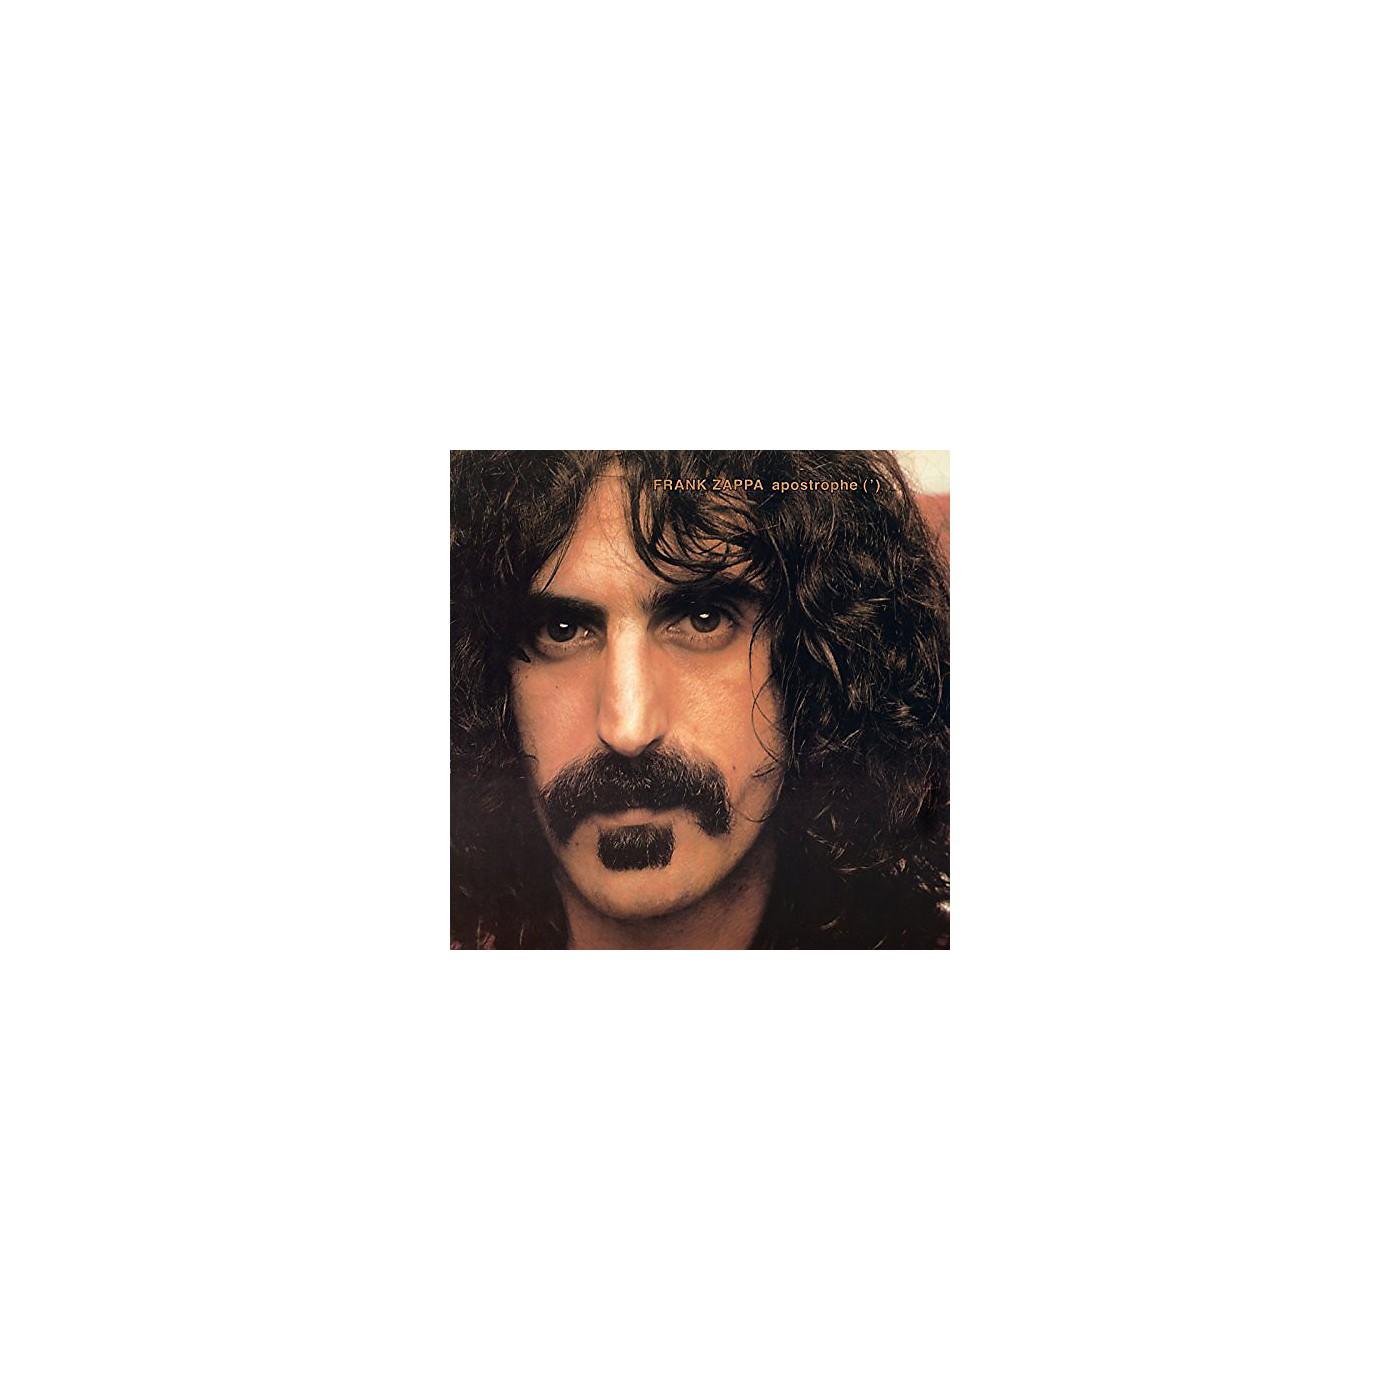 Alliance Frank Zappa - Apostrophe thumbnail